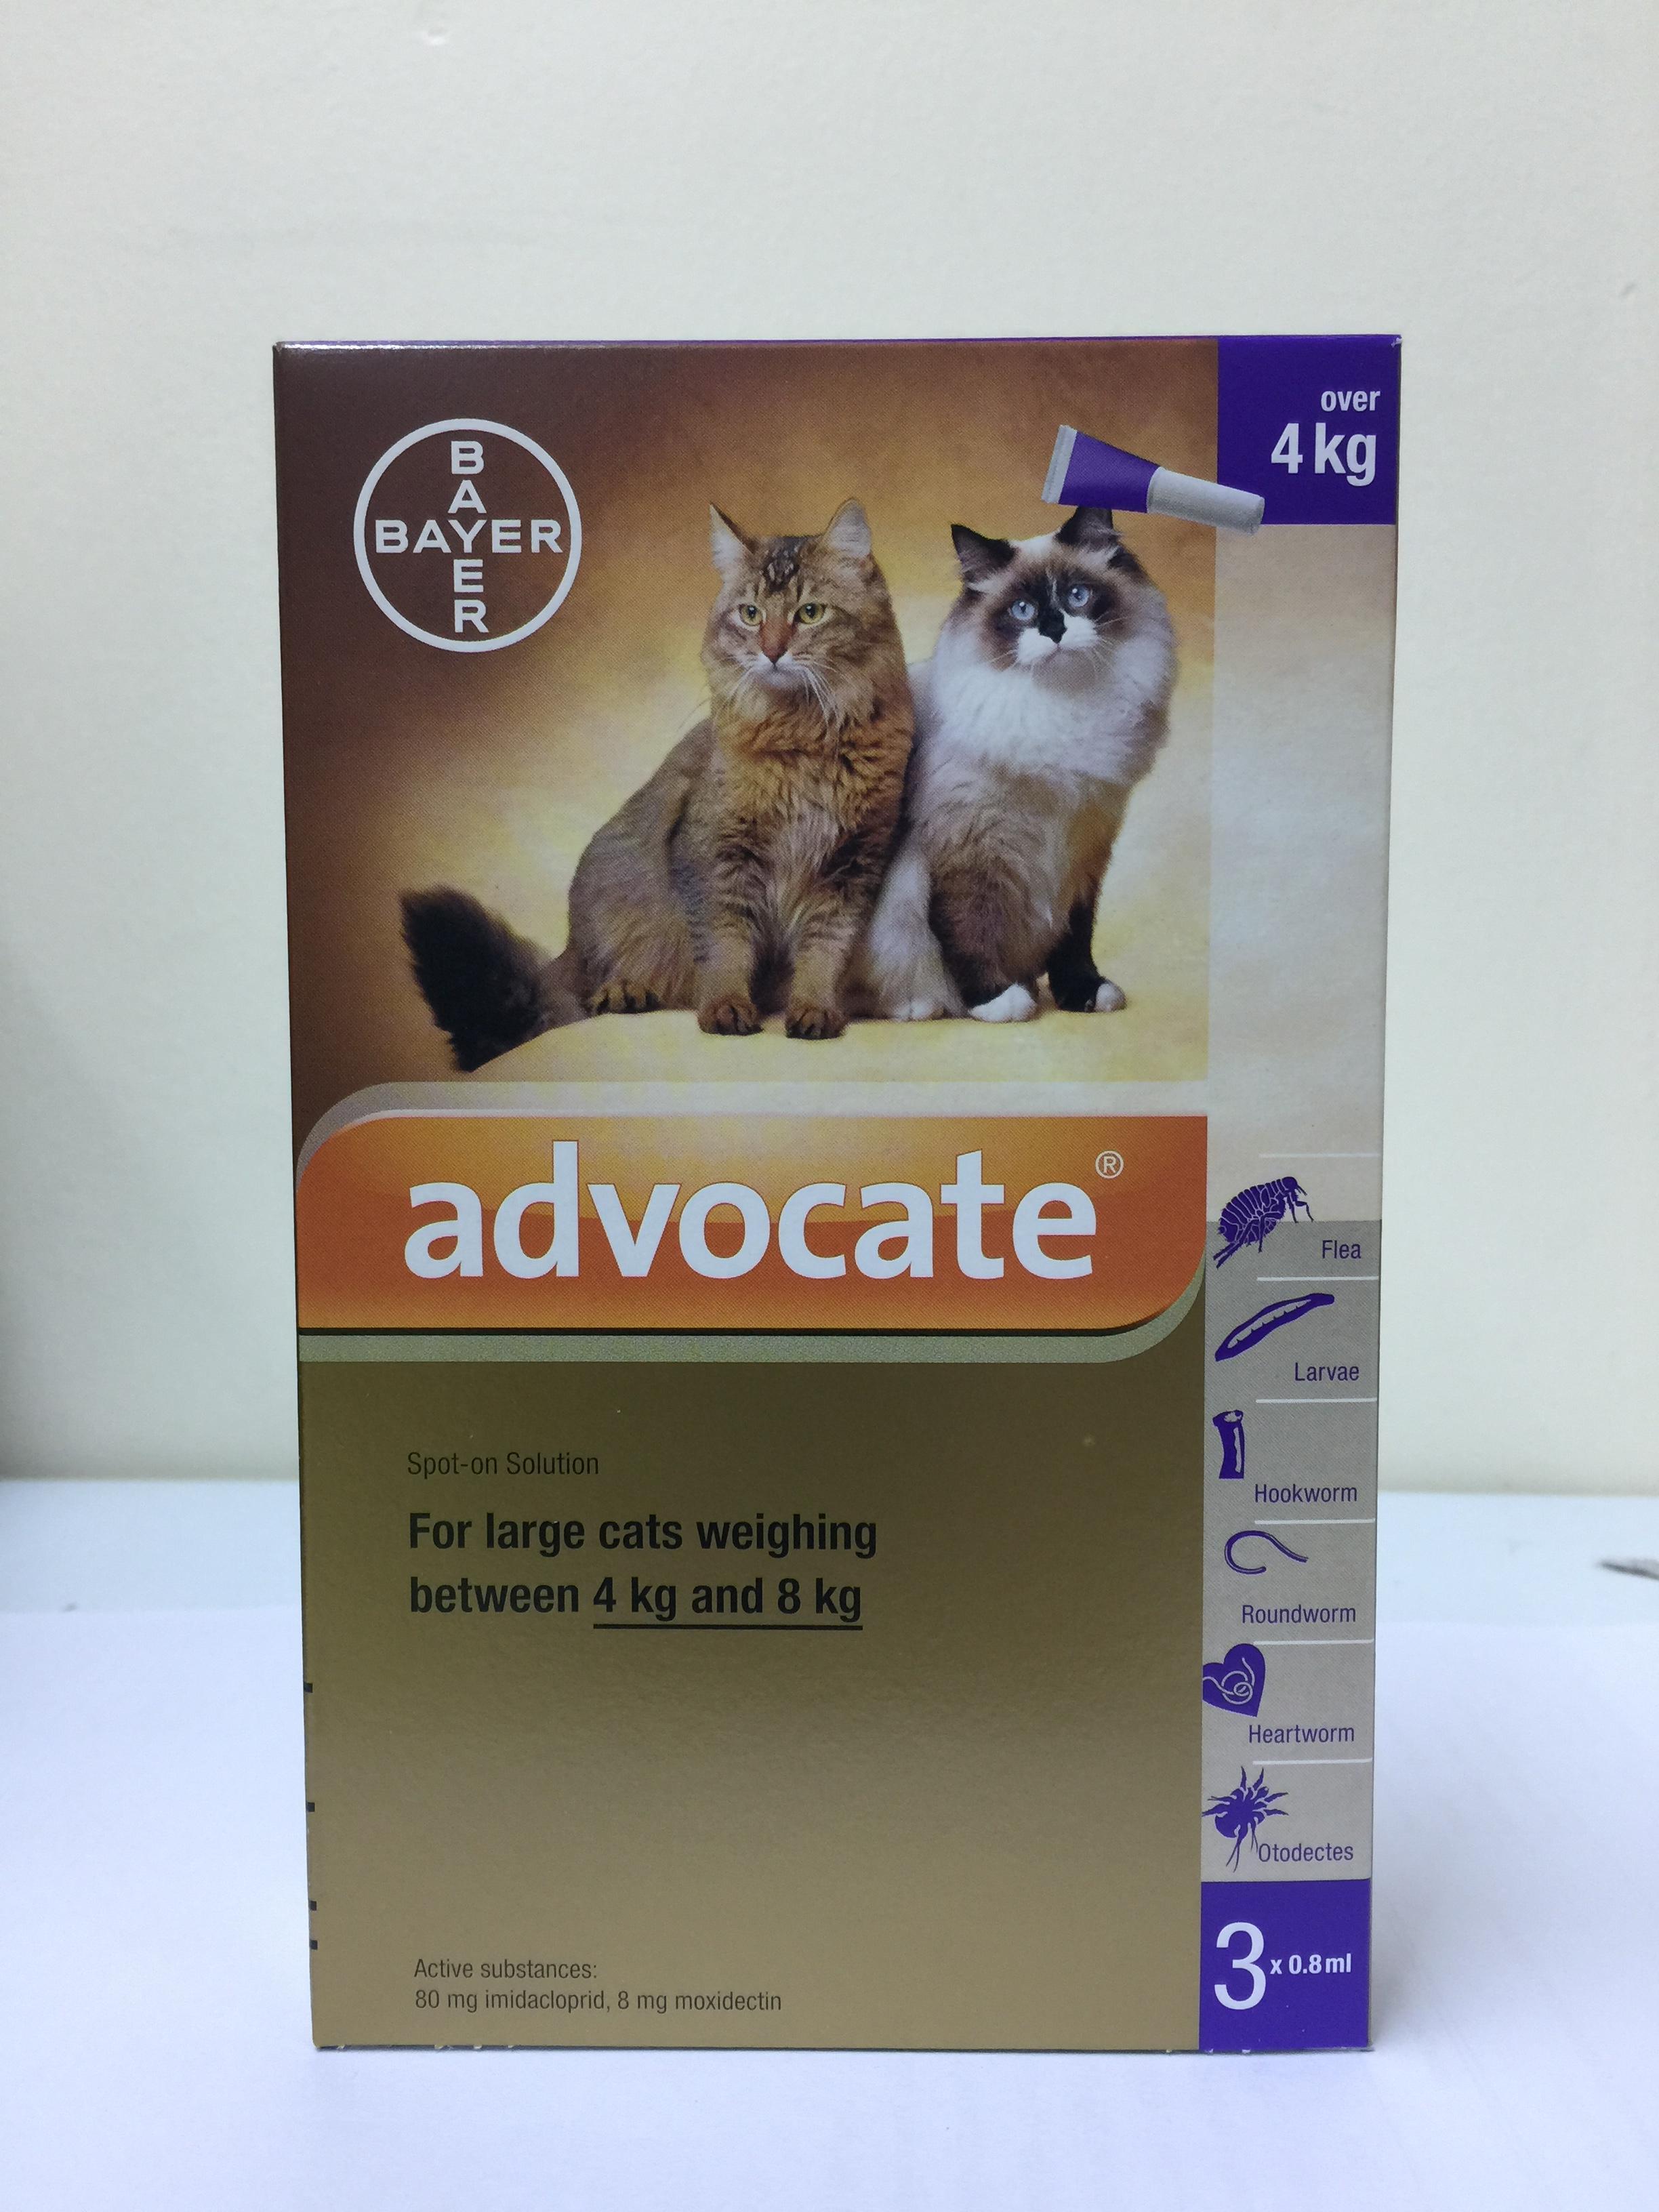 Bayer แอดโวเคท สำหรับแมว น้ำหนัก 4-8 กก. Exp.03/19